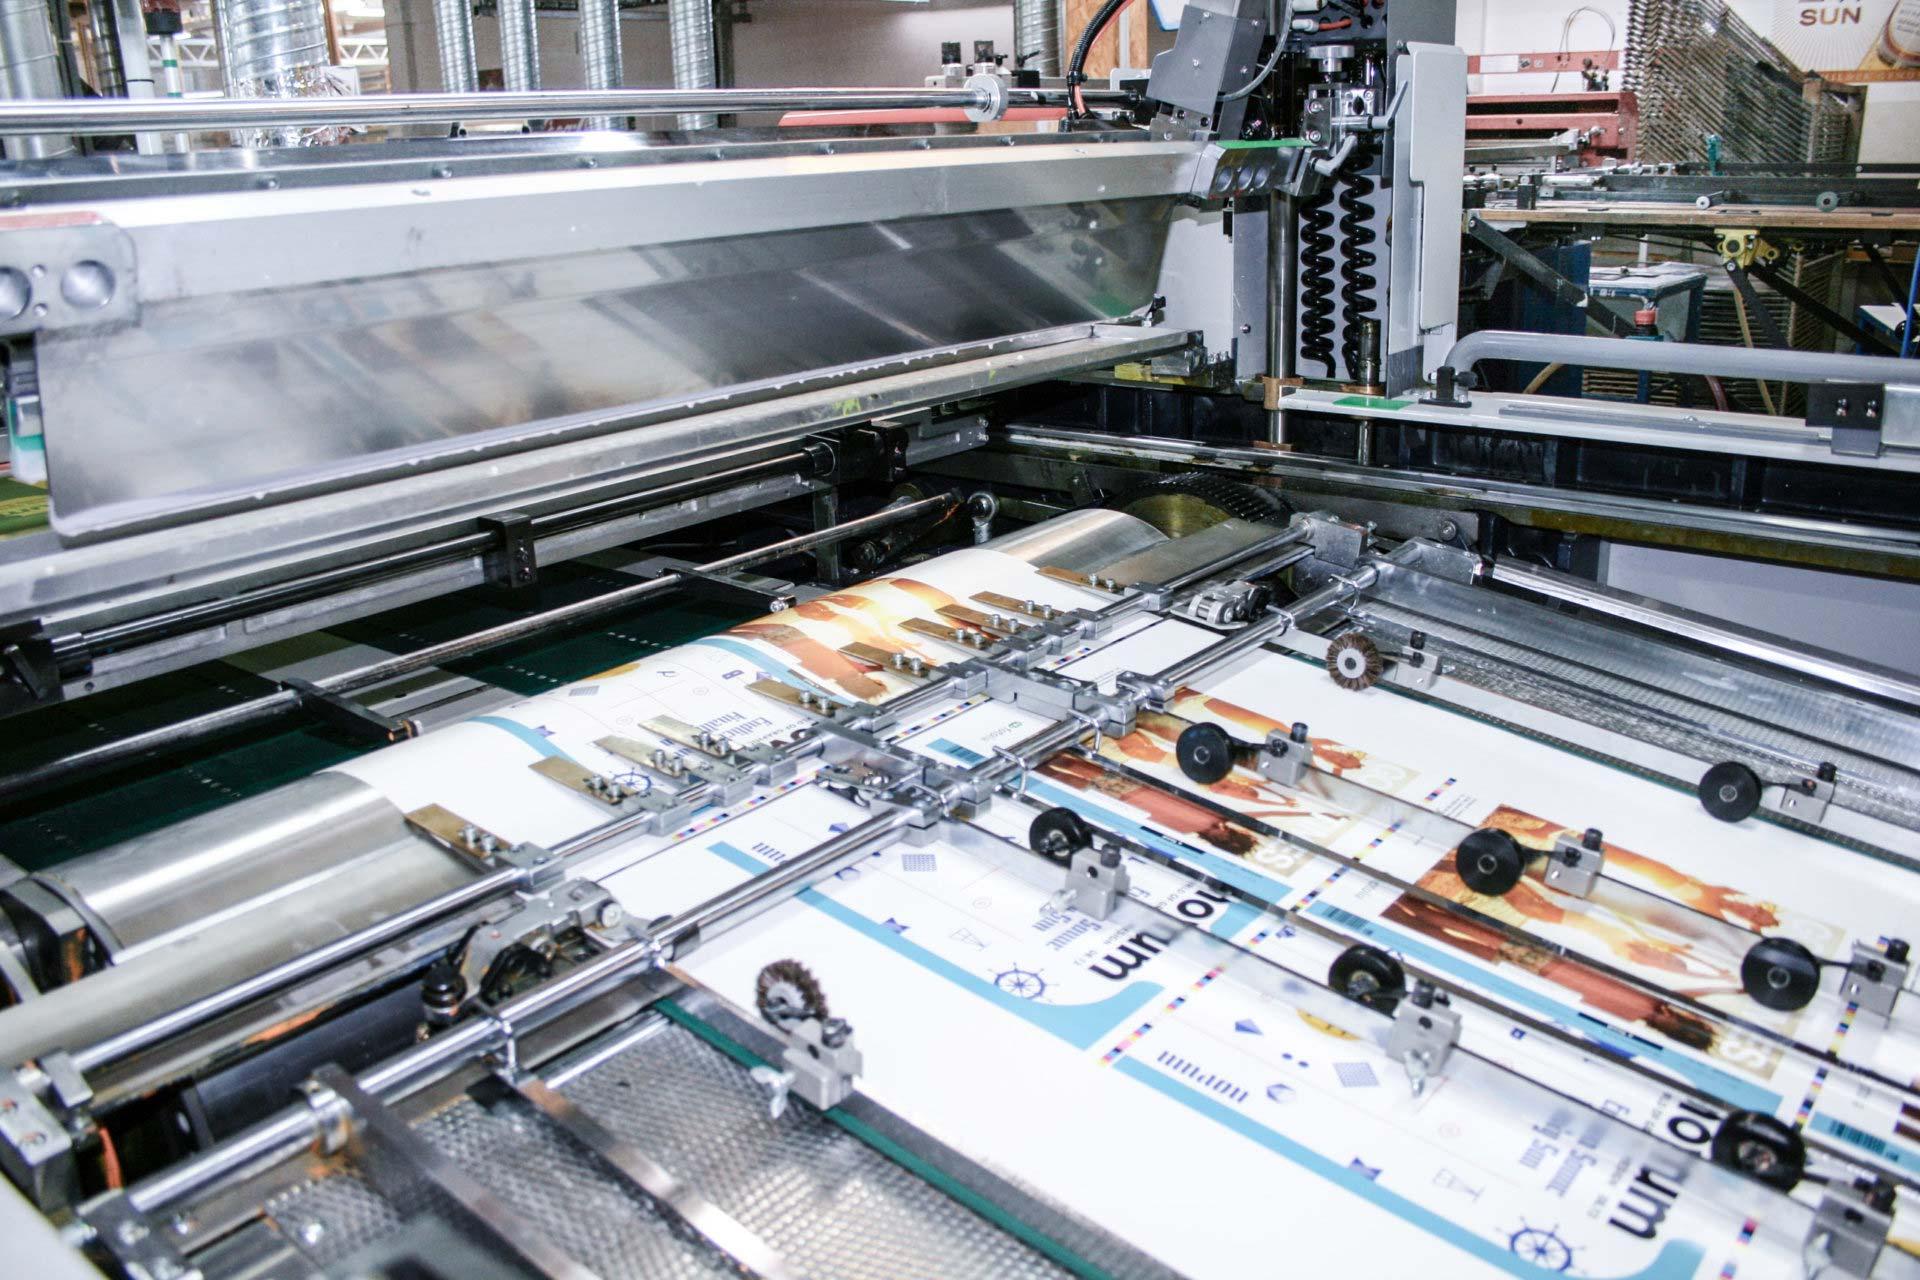 Kunstdruck mit Siebdruckmaschine